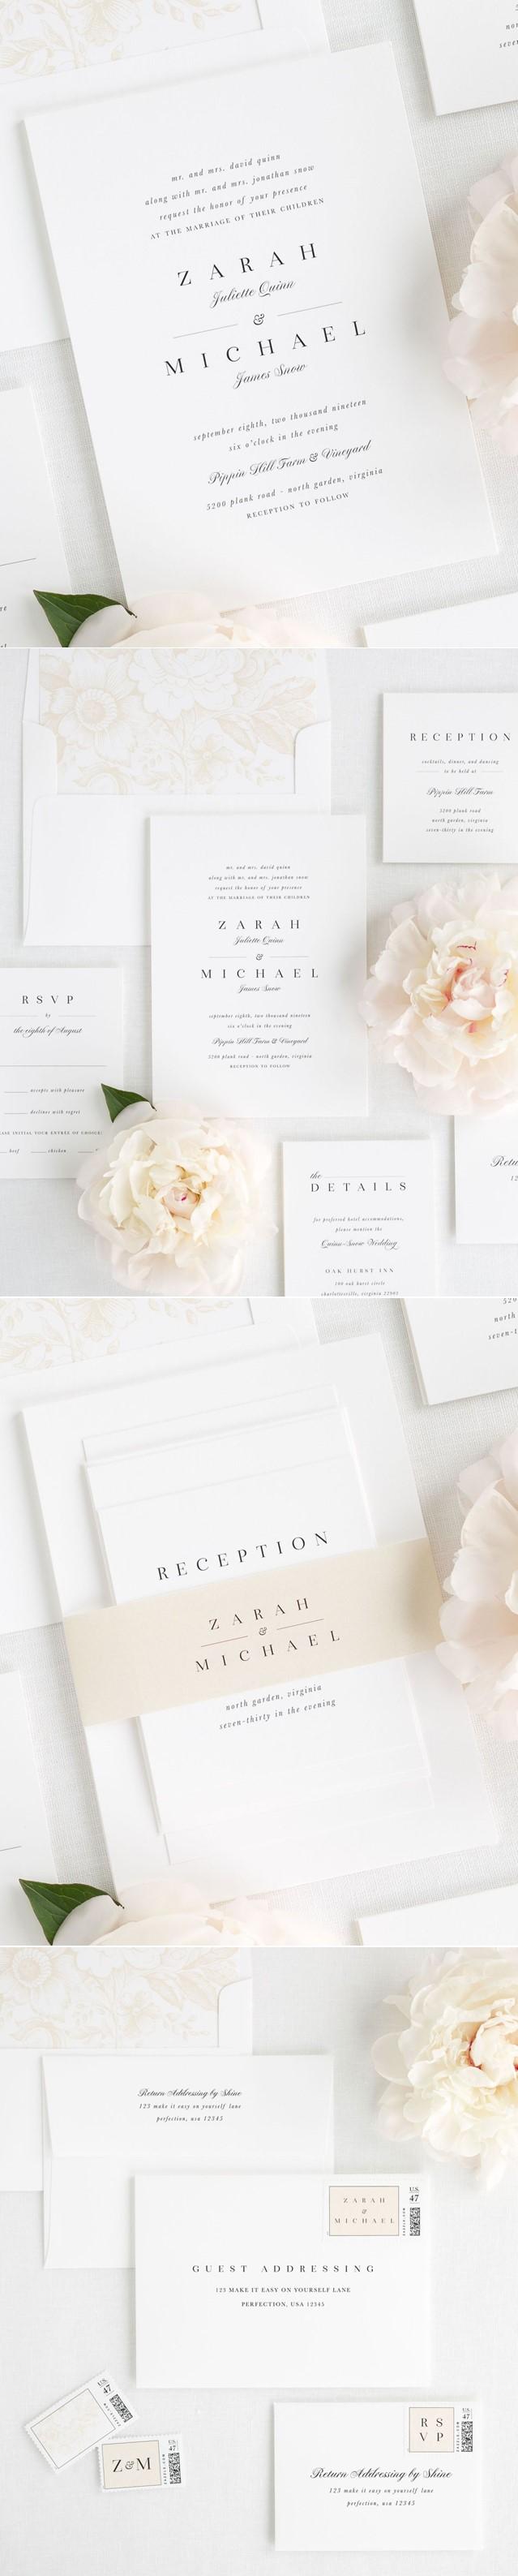 klassiske og stil rene bryllupsinvitasjoner vi designer og produsere